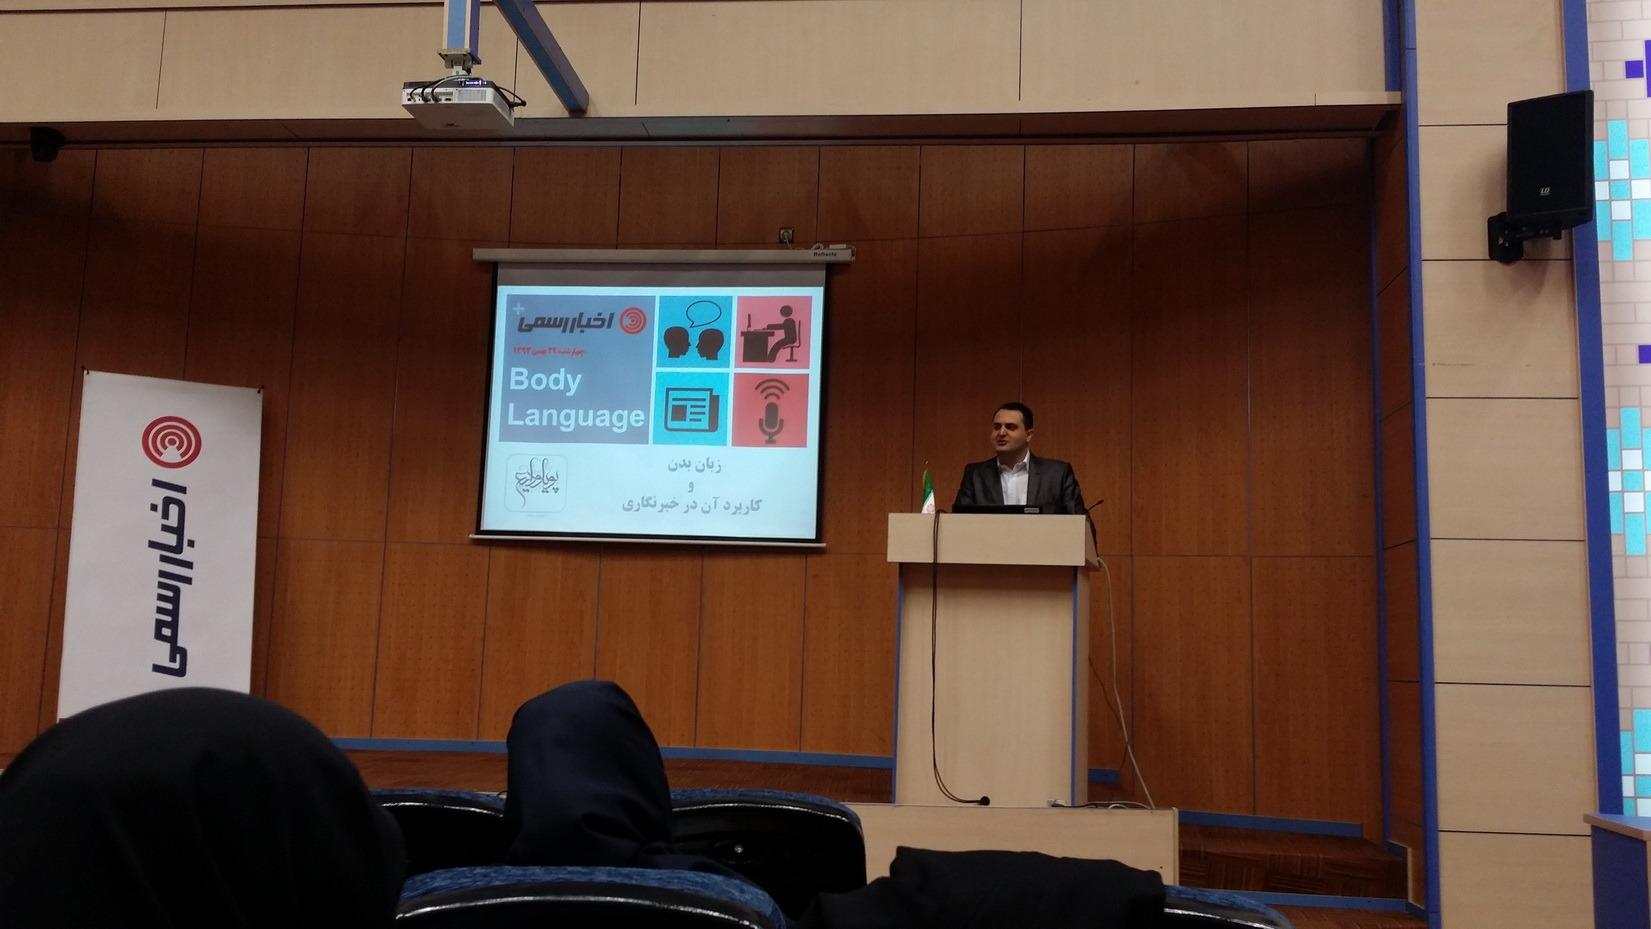 استقبال خوب اهالی رسانه از کارگاه آموزشی تحلیل زبان بدن در حرفه خبرنگاری زبان بدن کارگاه آموزشی تحلیل زبان بدن در حرفه خبرنگاری AkhbarRasmi journalist workshop2